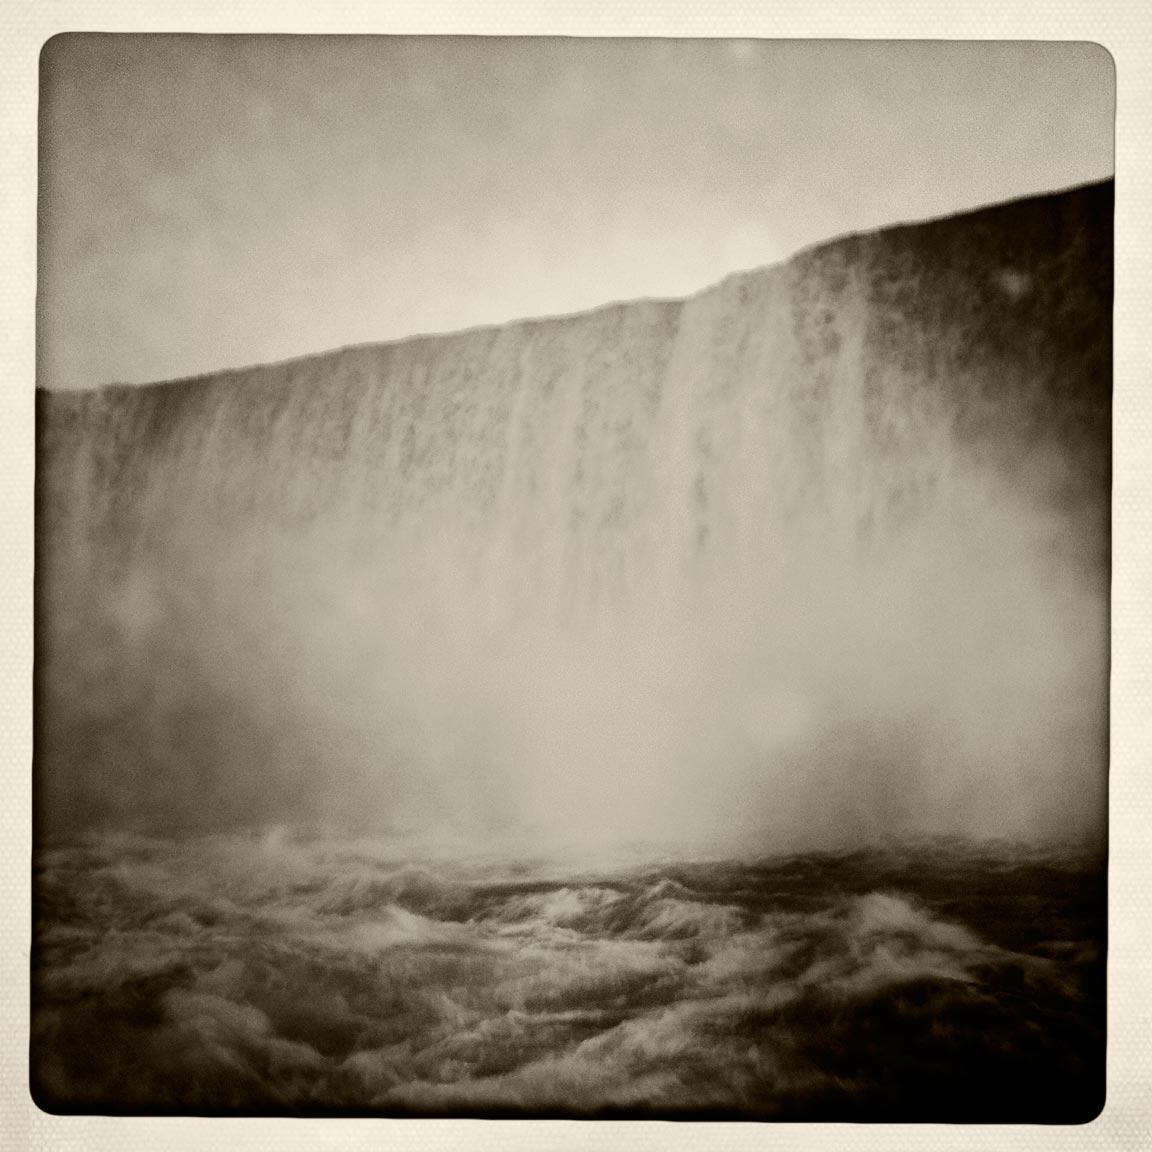 NiagaraFalls_2017-11-7